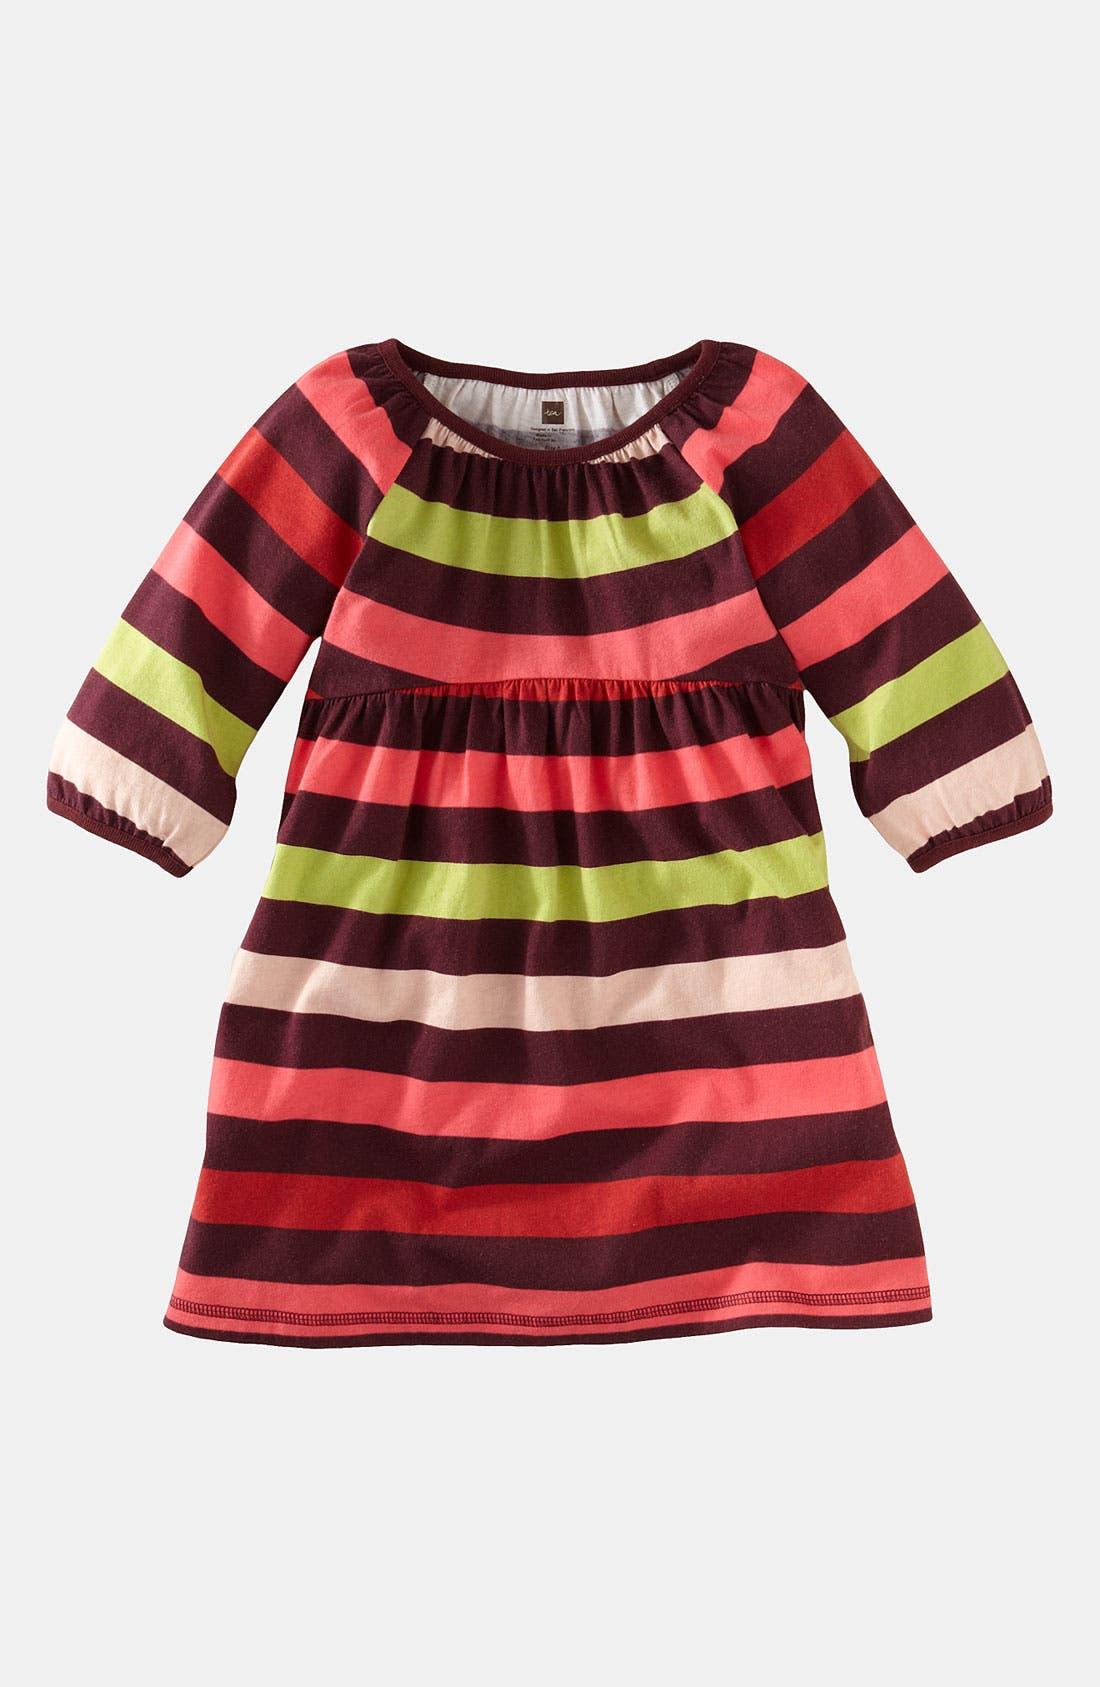 Alternate Image 1 Selected - Tea Collection 'Skola' Babydoll Dress (Little Girls & Big Girls)